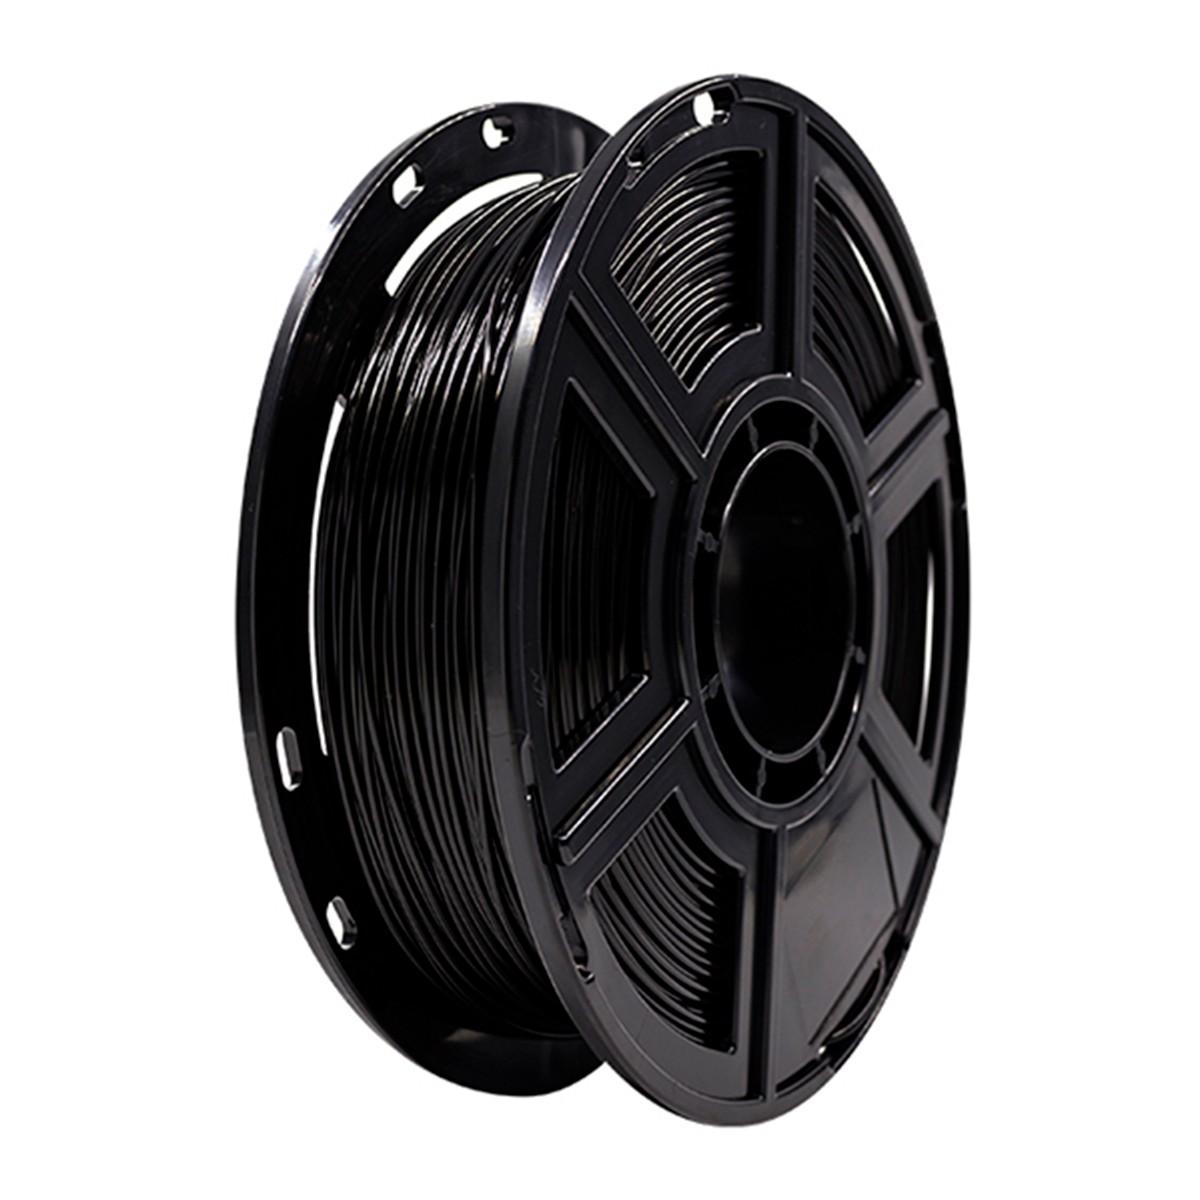 Filamento para Impressora 3D Flashforge PLA Preto 0,5 Kg - 28897